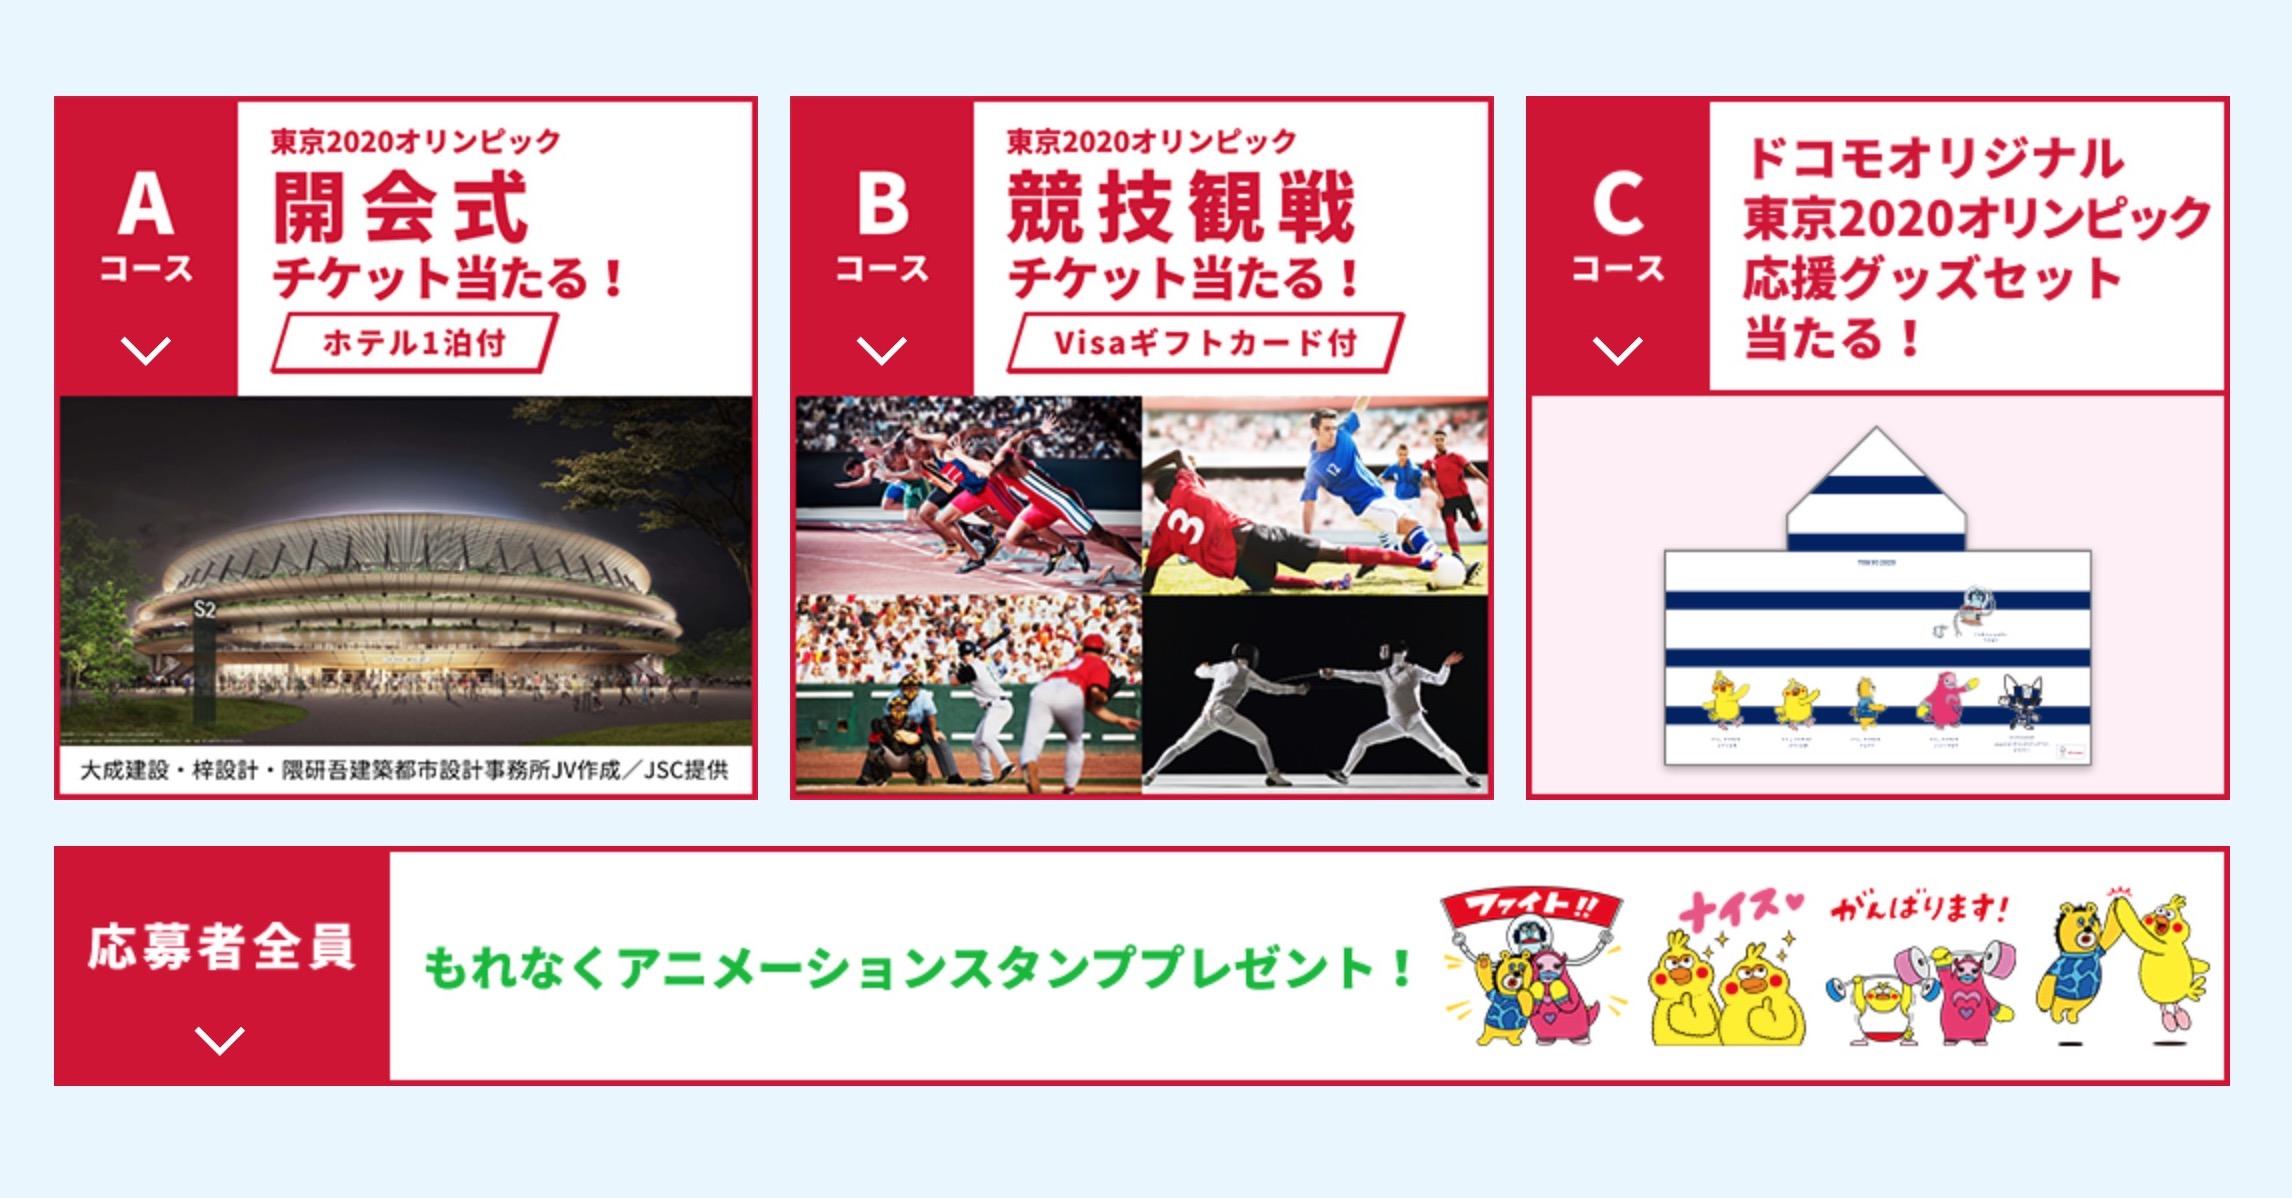 東京オリンピック開幕式やチケットが当たるキャンペーン実施。ドコモユーザ以外も対象